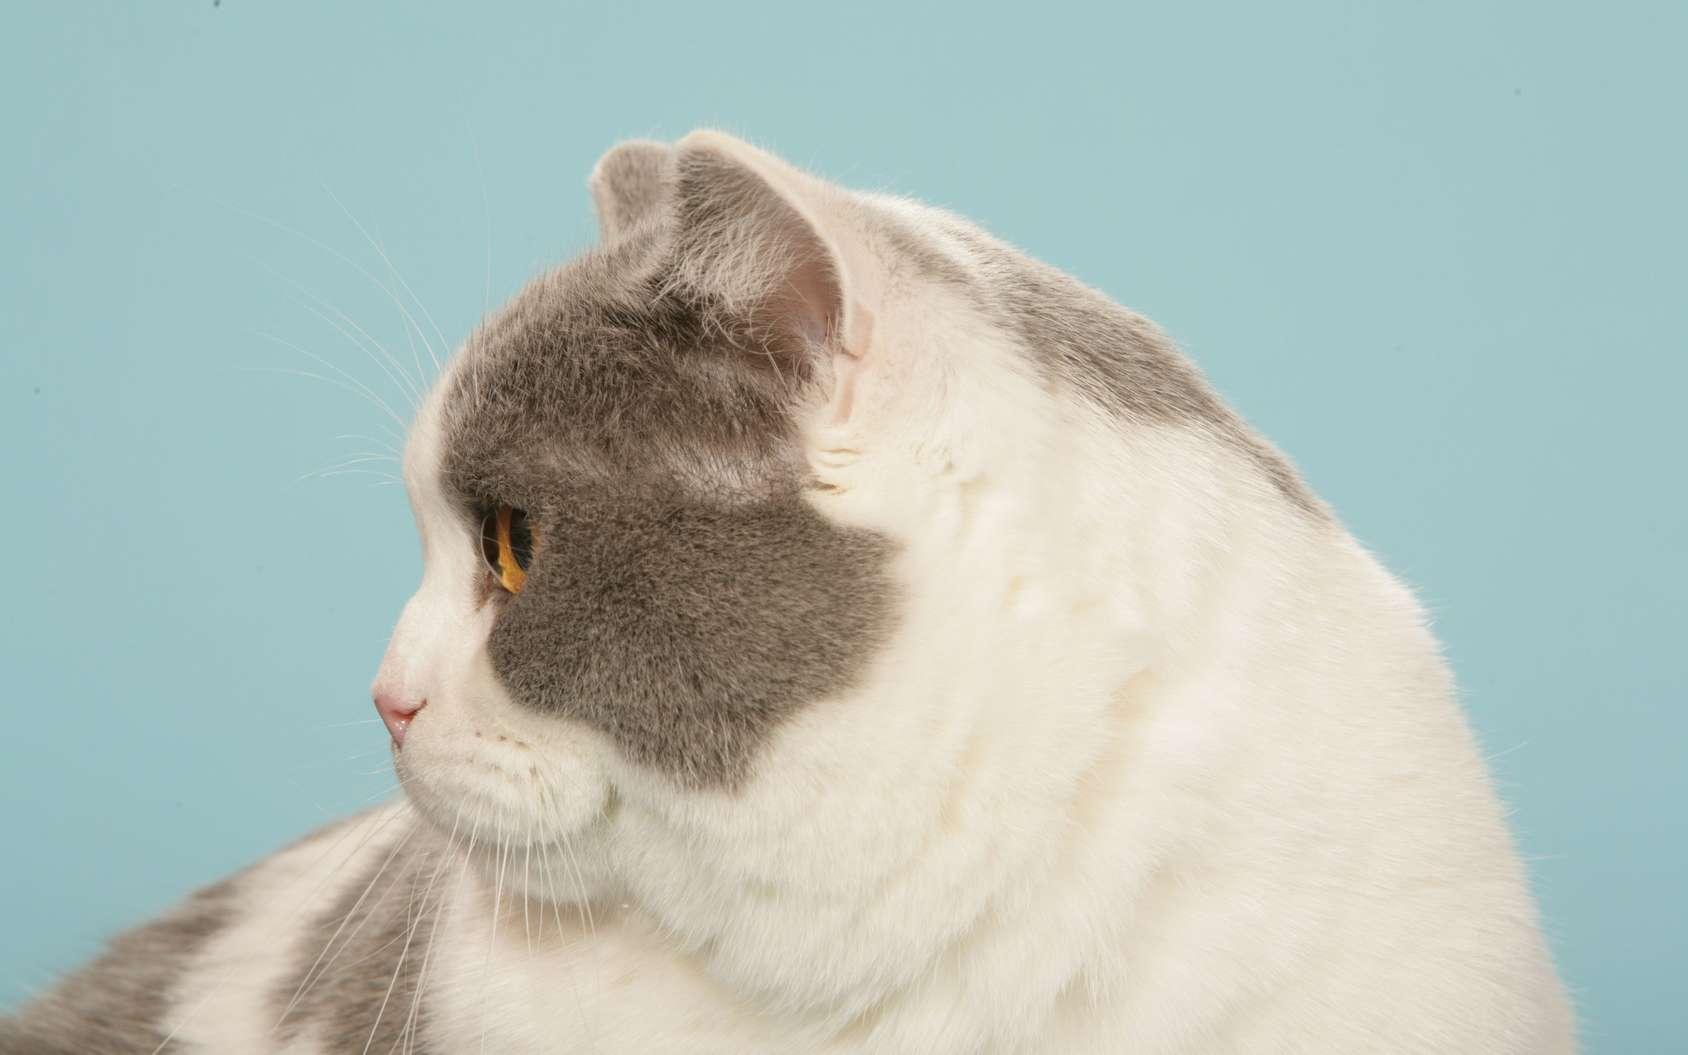 L'obésité touche aussi nos animaux domestiques. © CALLALLOO CANDCY, Fotolia